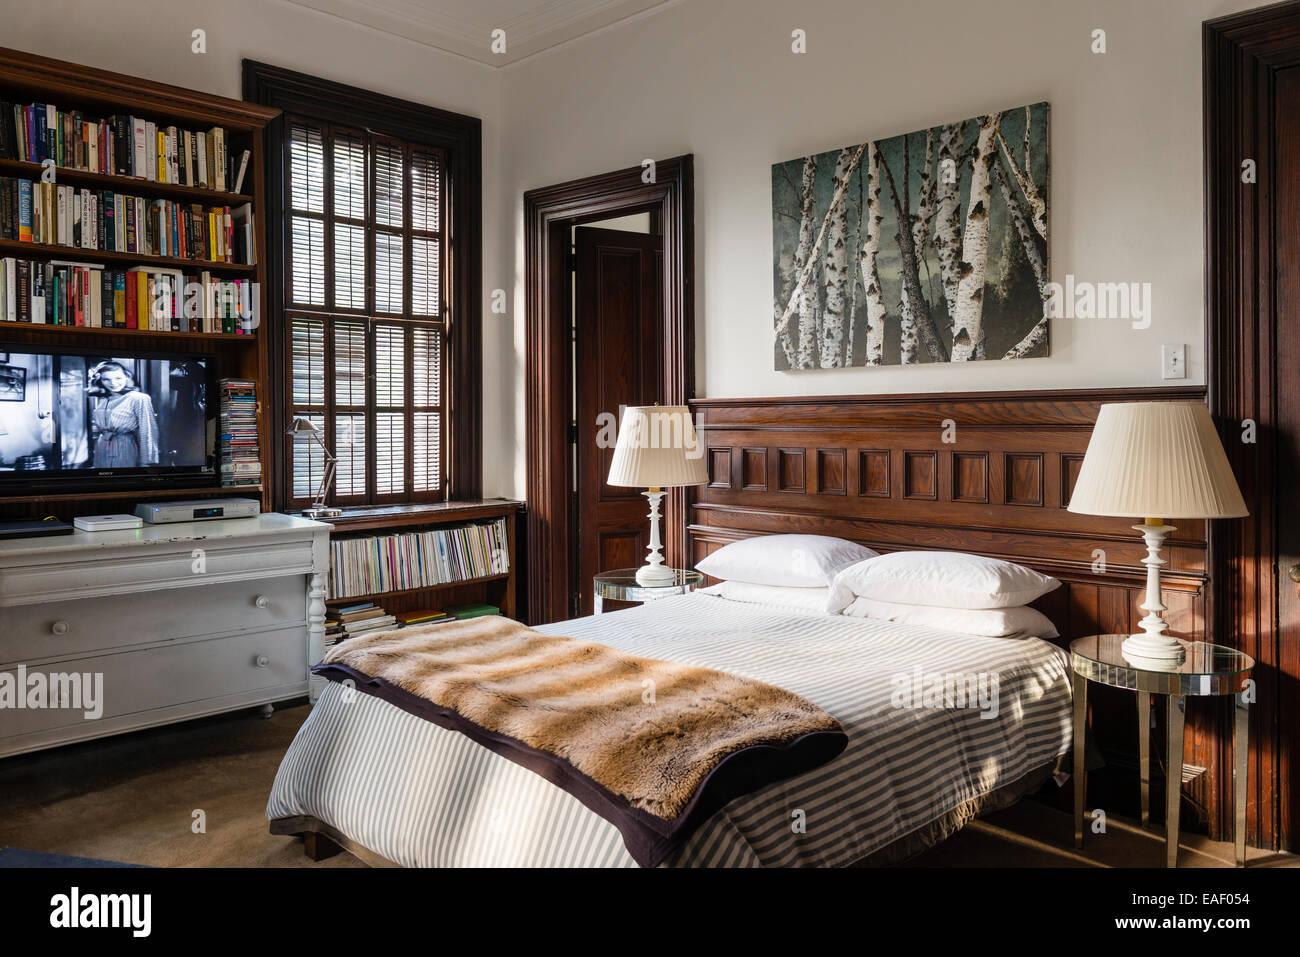 Frank Friedrich Birke Gemälde über dem Bett im Zimmer mit ...